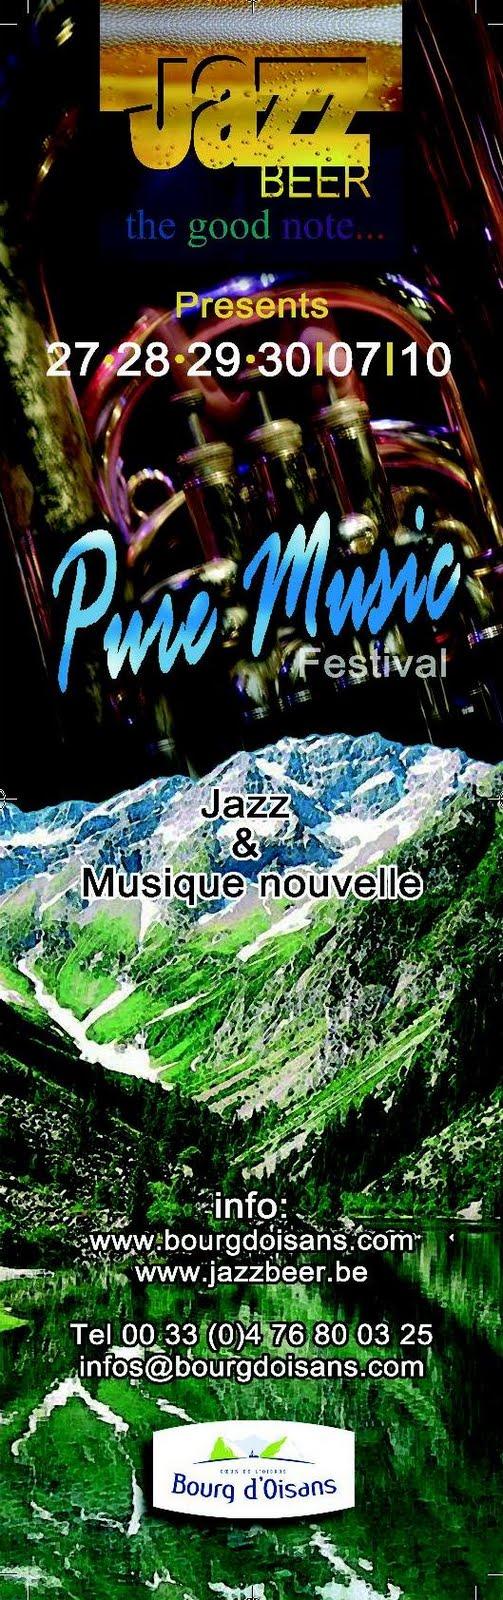 News de l 39 office de tourisme bourg d 39 oisans festival jazz - Le bourg d oisans office de tourisme ...